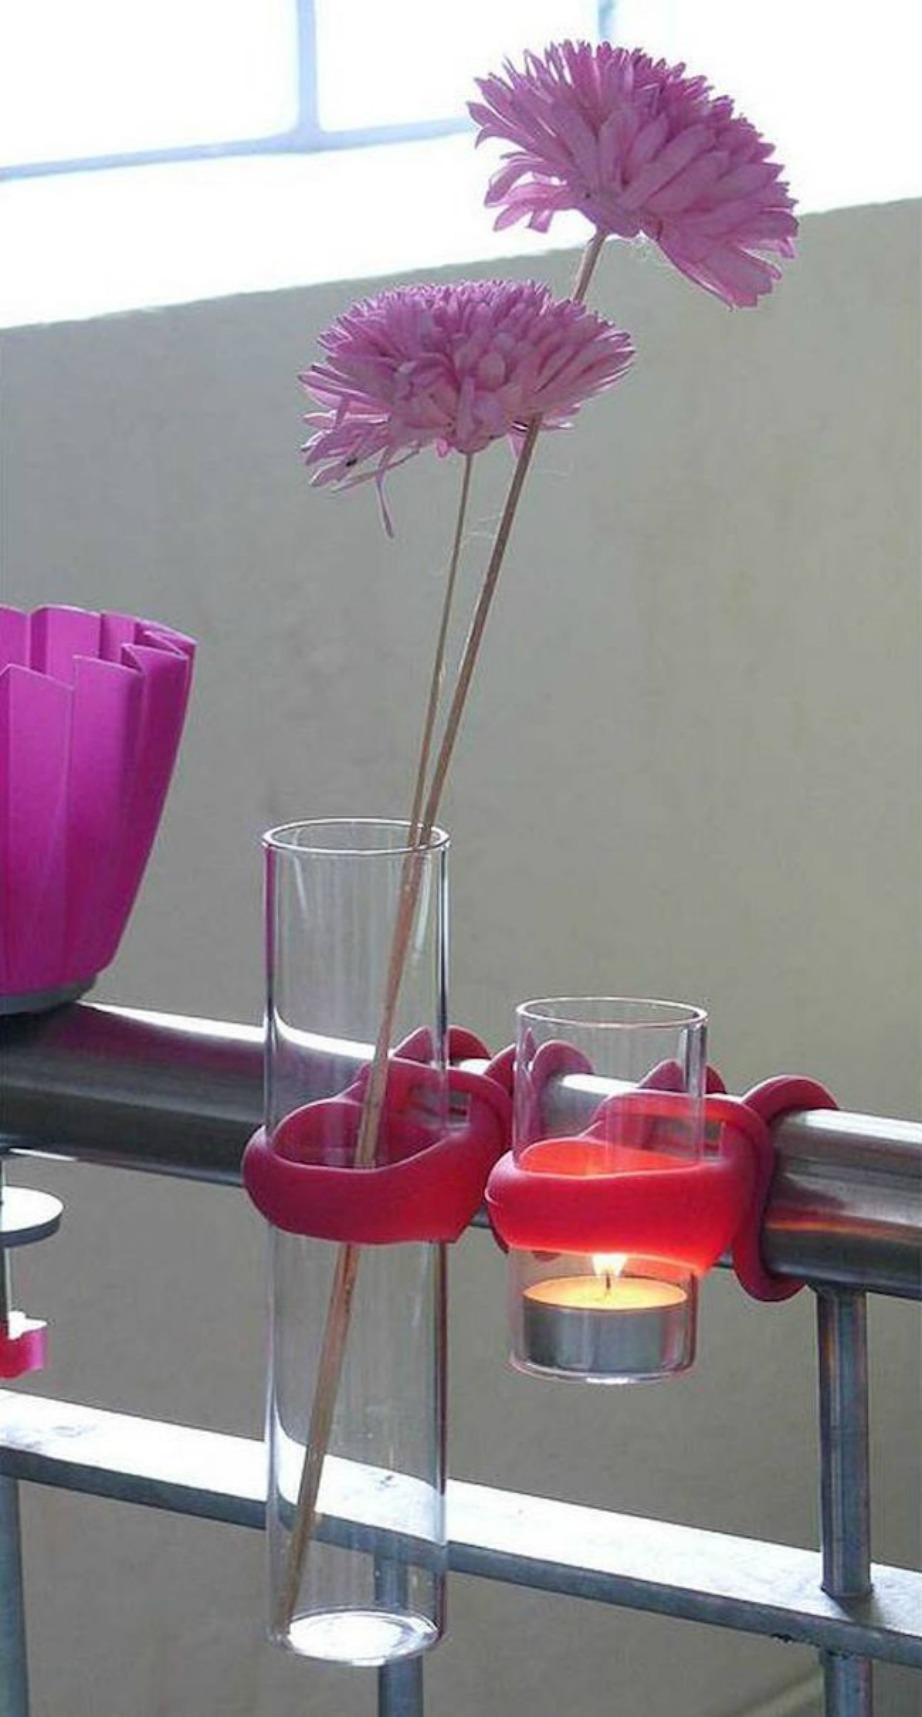 Εντυπωσιακά βάζα και κεριά για το μπαλκόνι.